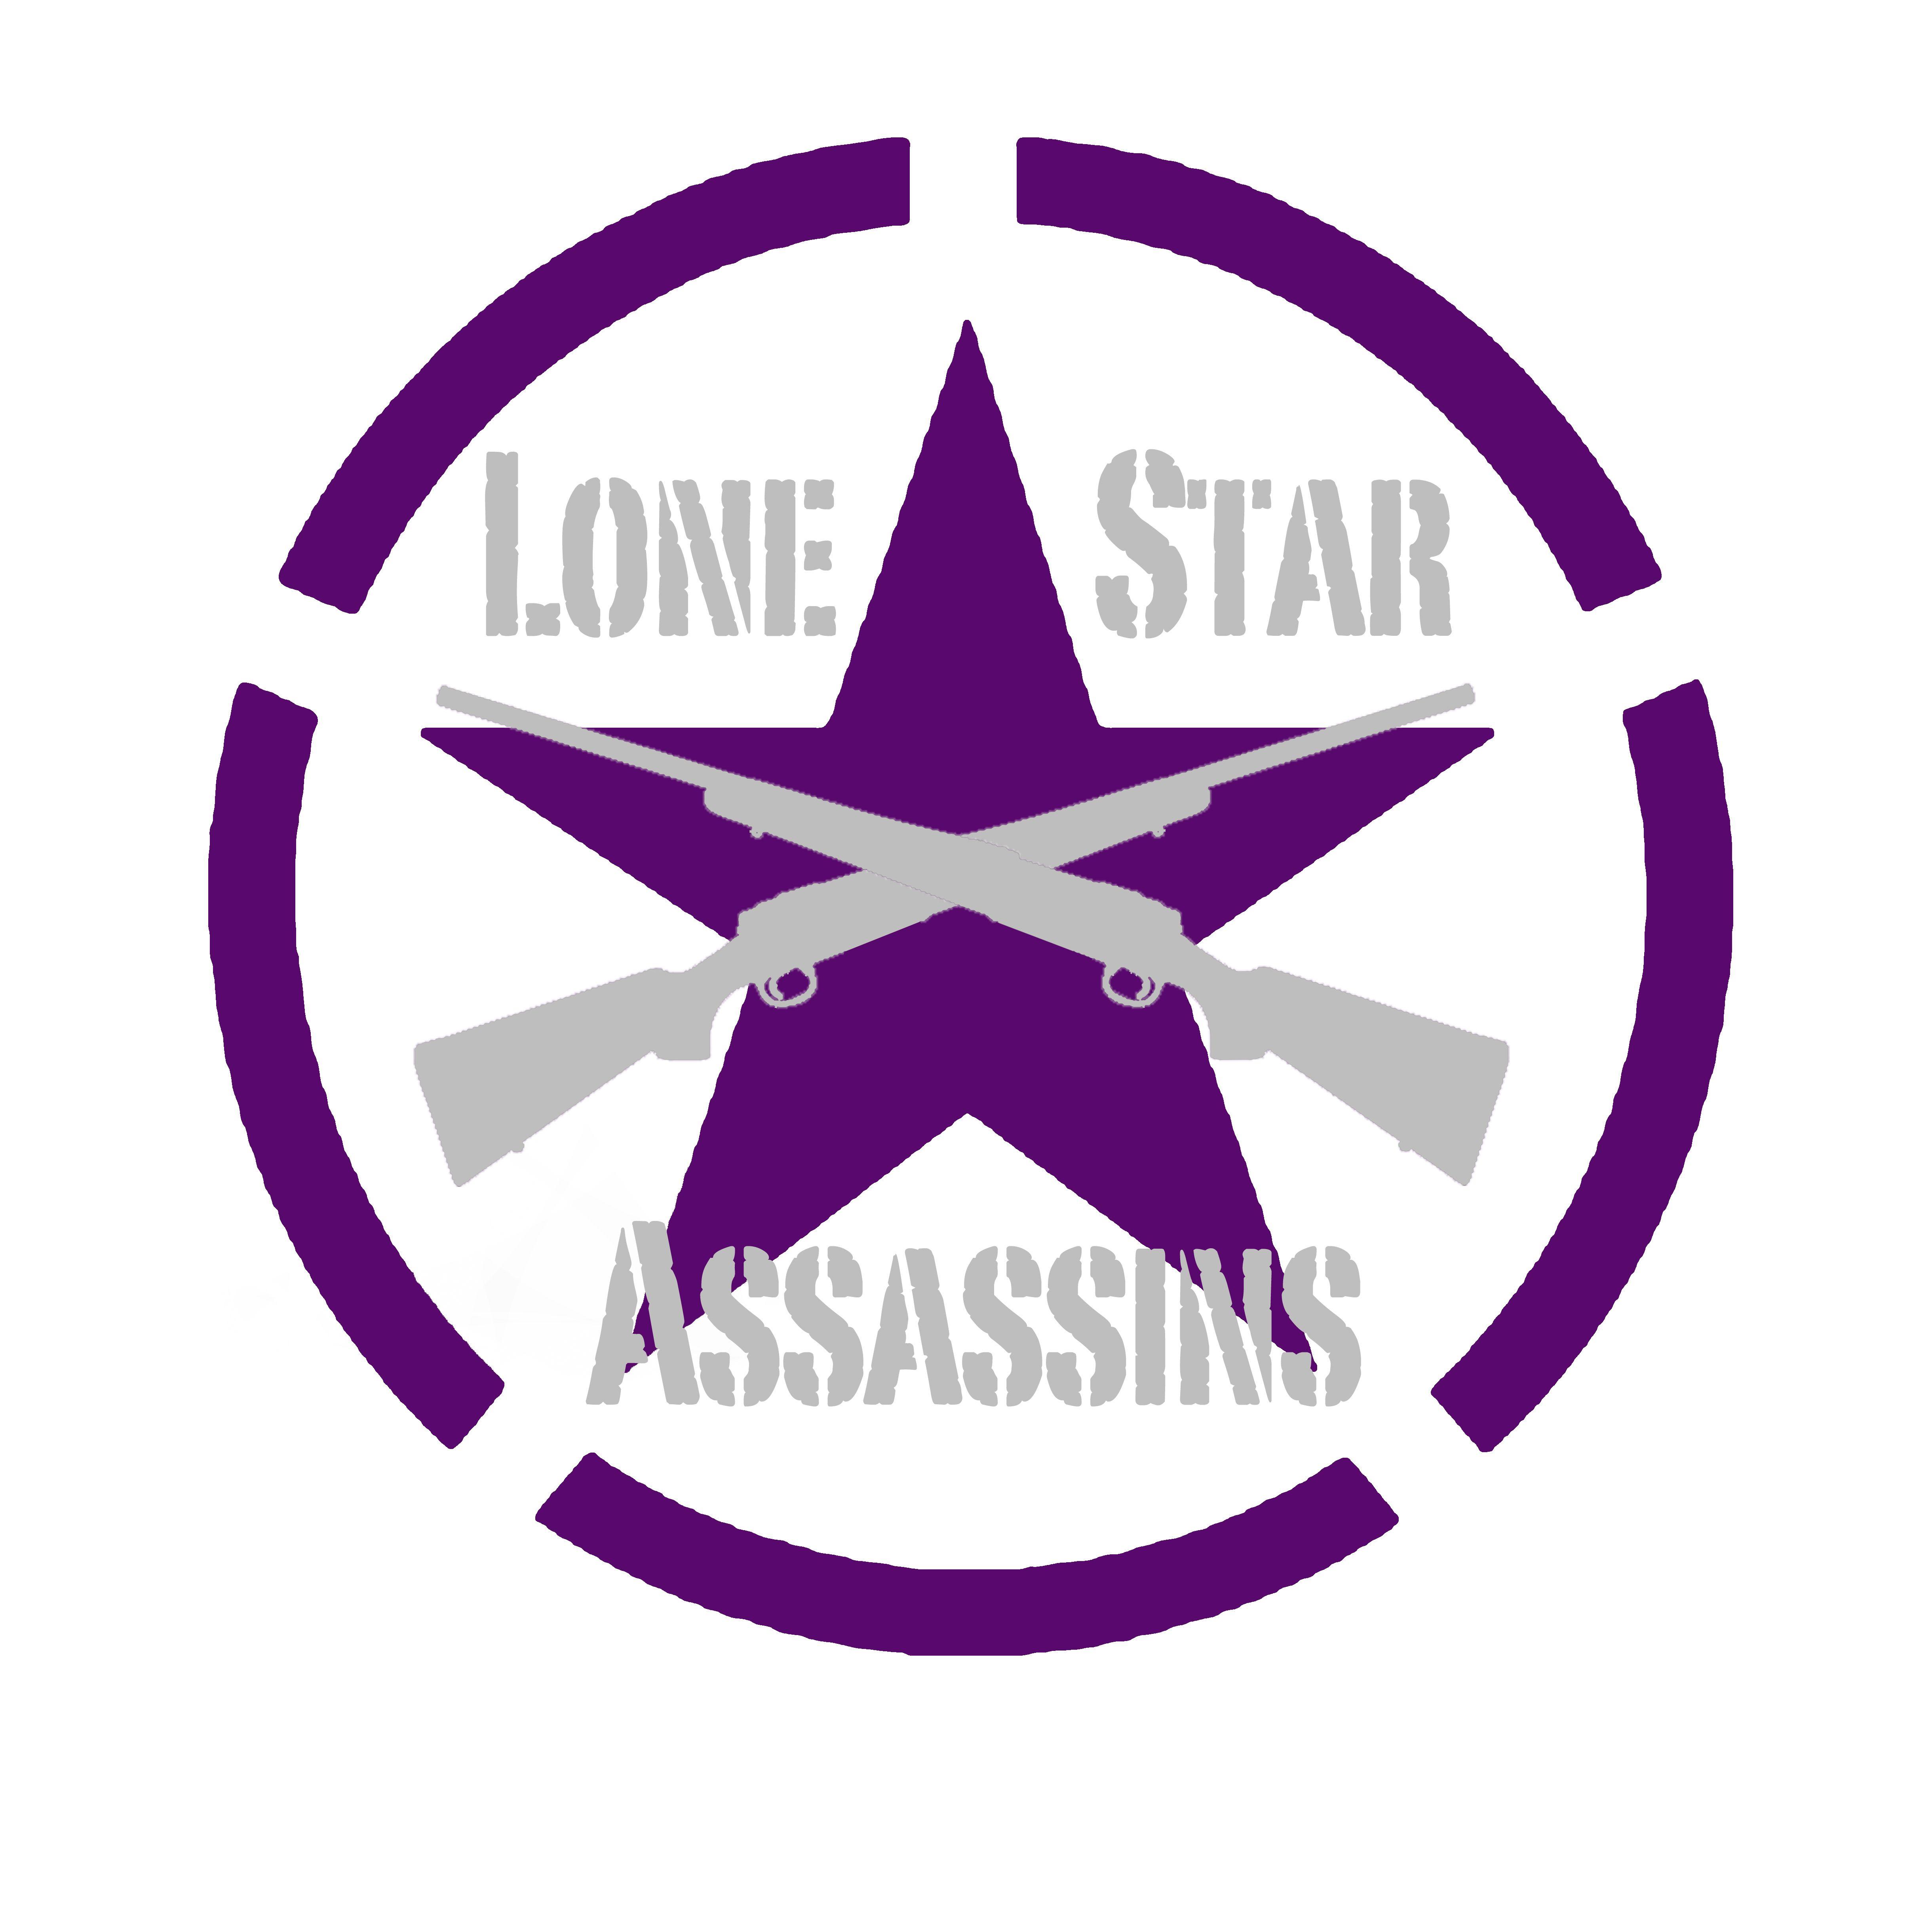 Lone star assassins team from assassination city roller